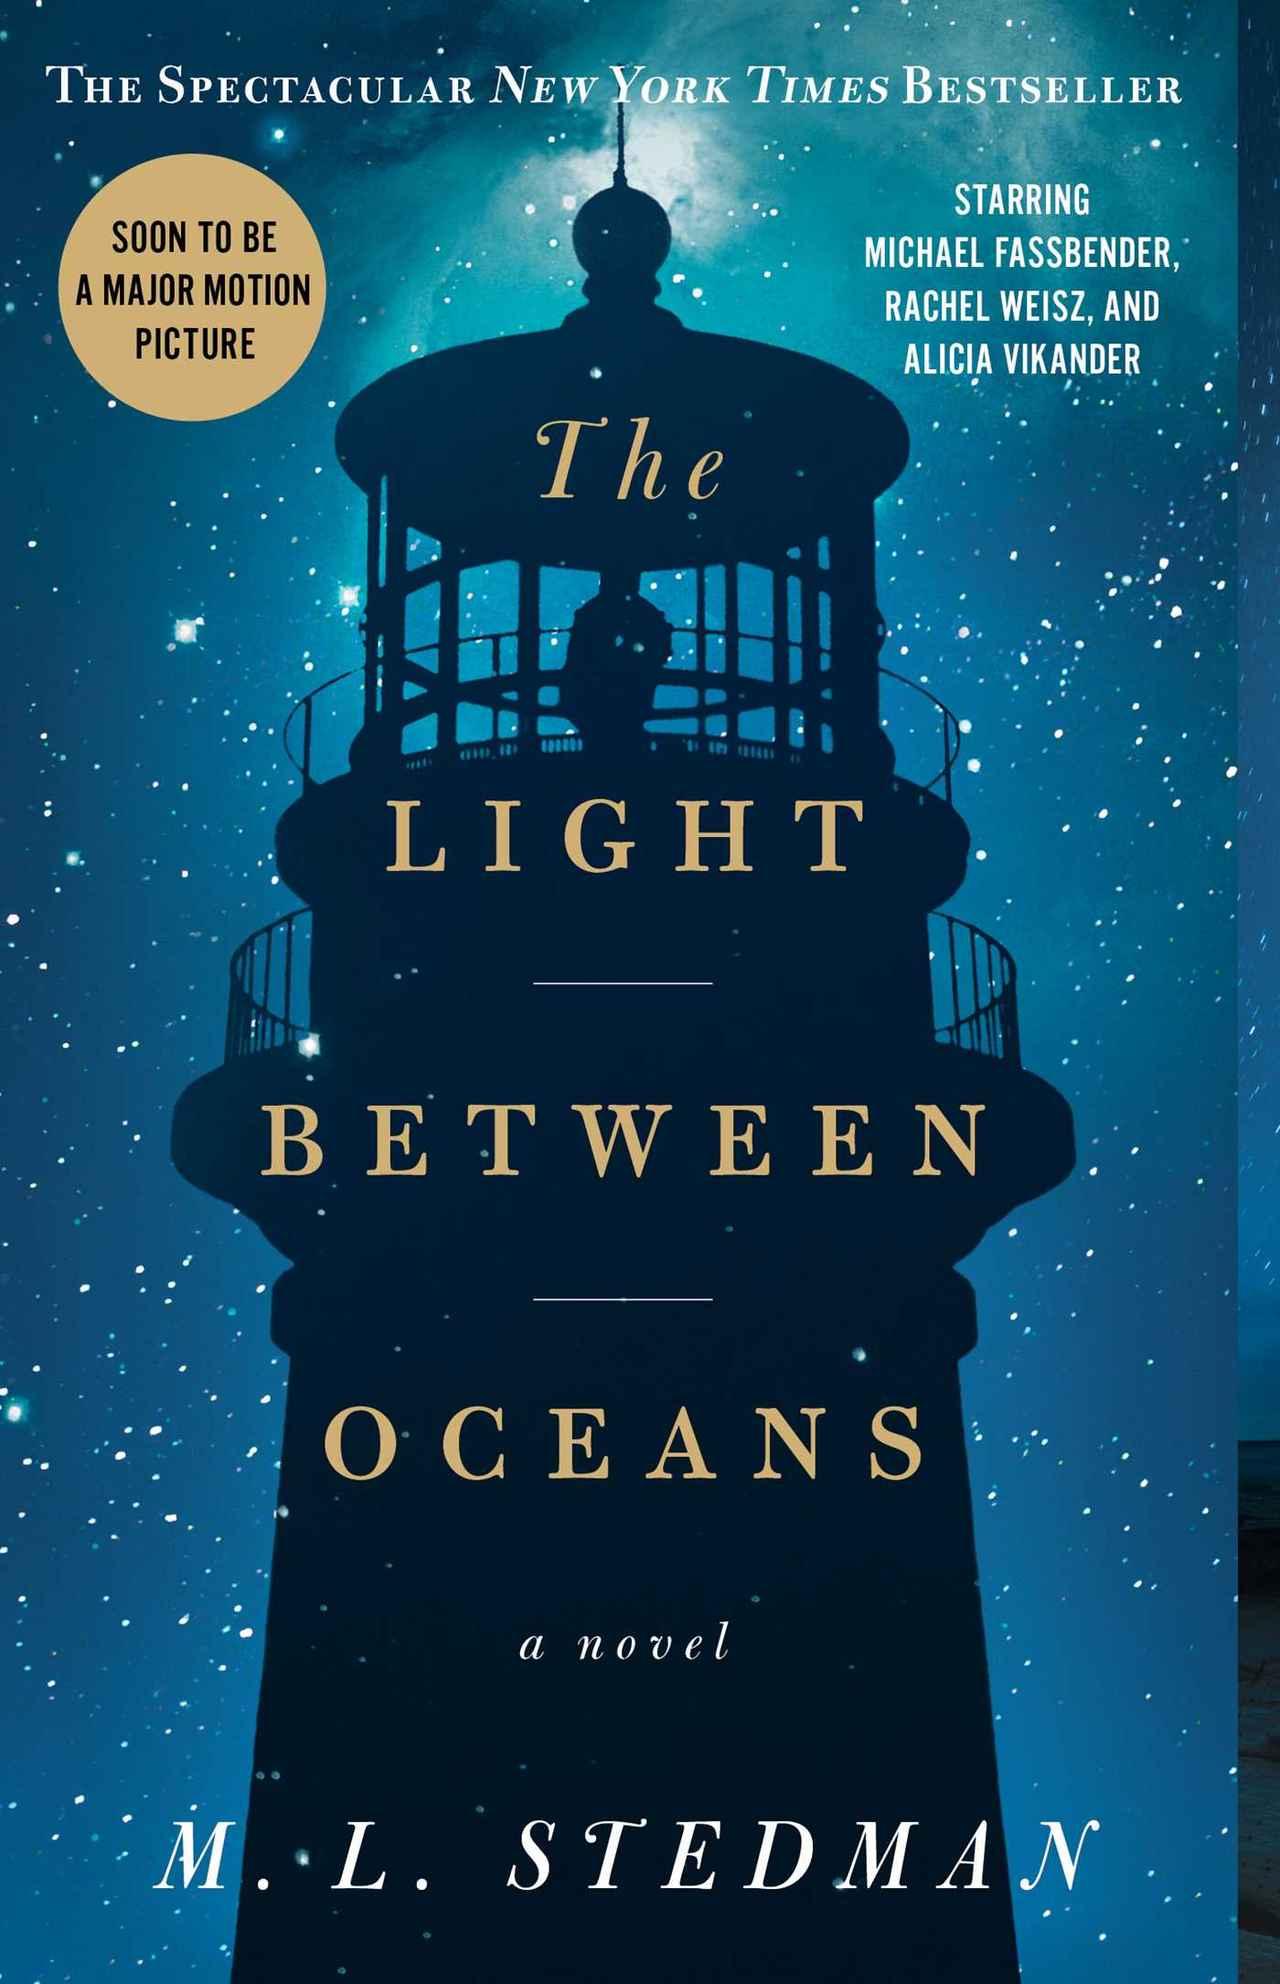 画像: http://books.simonandschuster.com/The-Light-Between-Oceans/M-L-Stedman/9781451681758